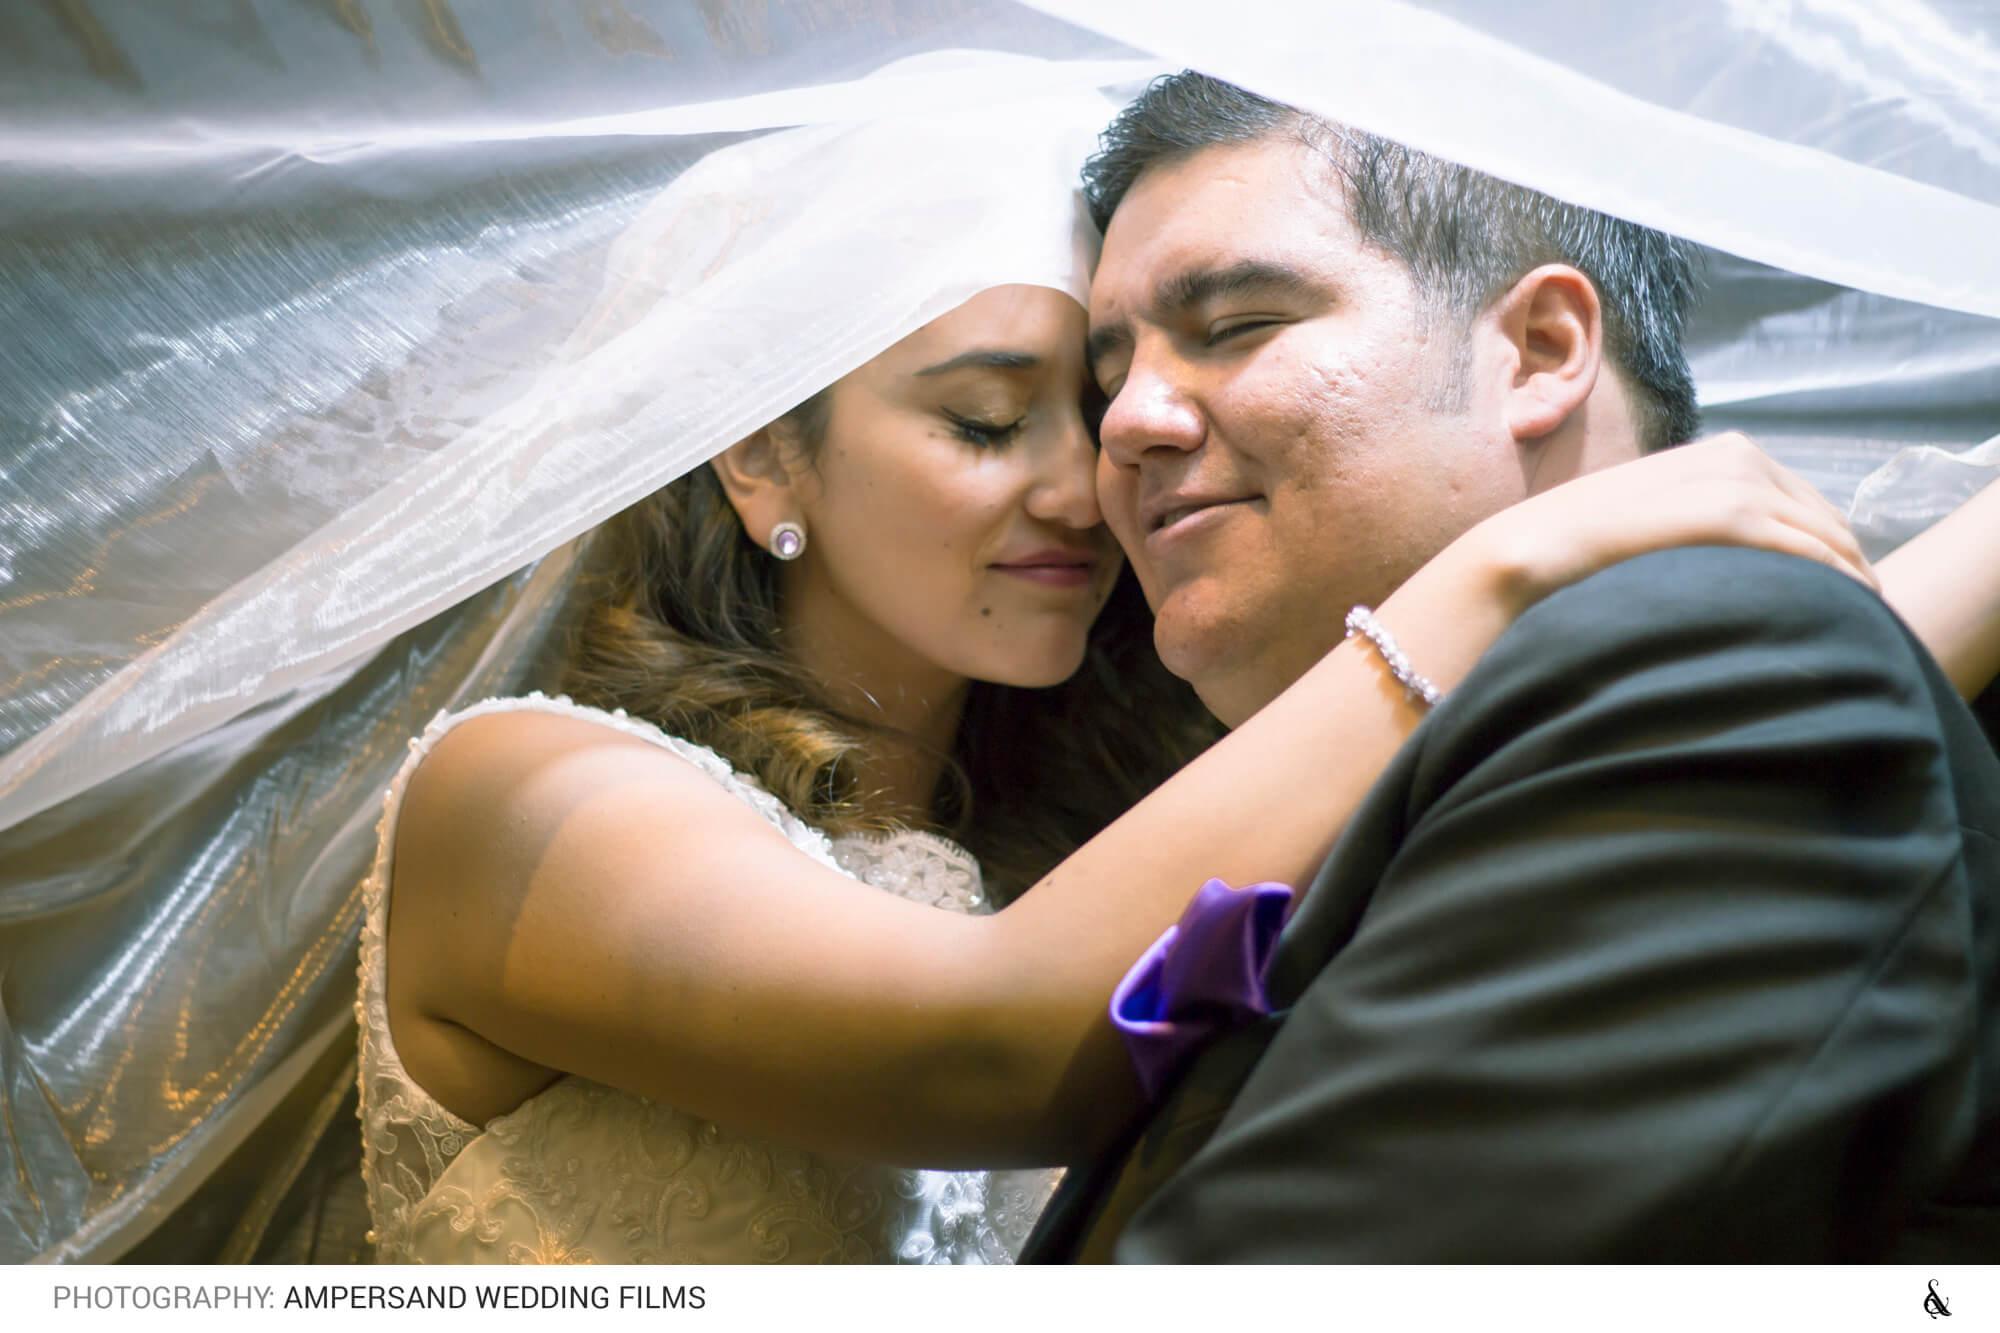 Matrimonio Pía & Juan Pablo en Campus Oriente